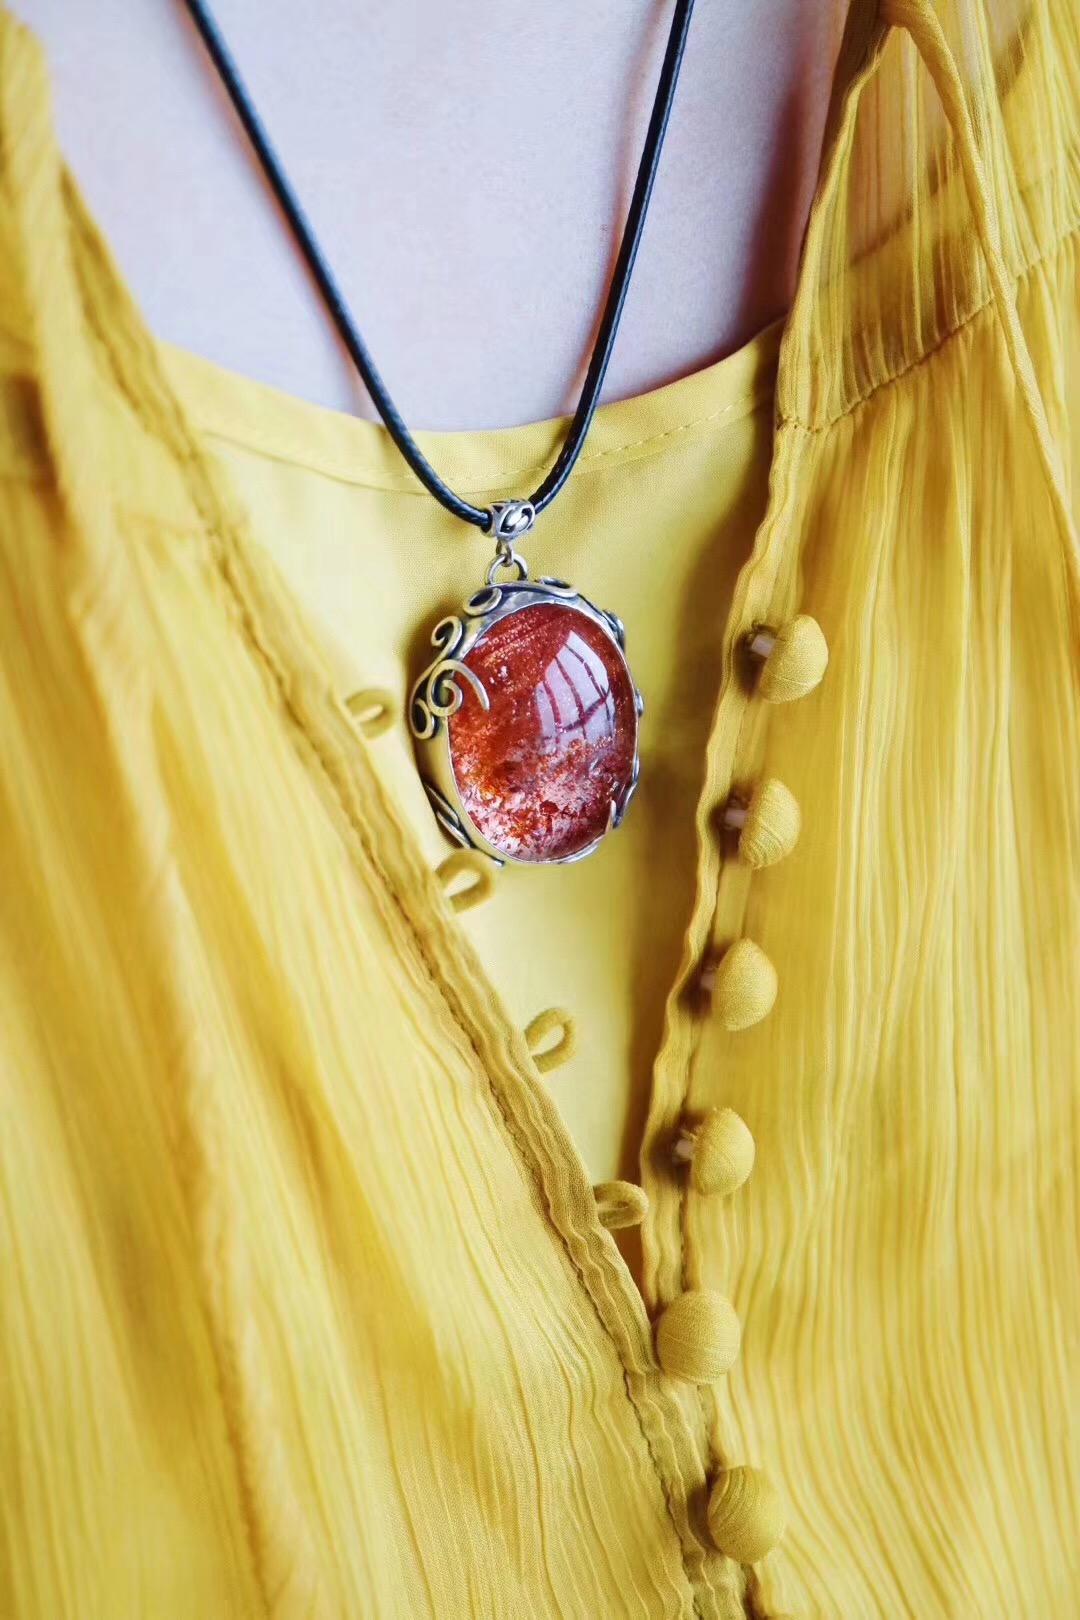 【菩心-金草莓晶】与猫咪毛毛纹路极其相似的顶级金草莓晶-菩心晶舍